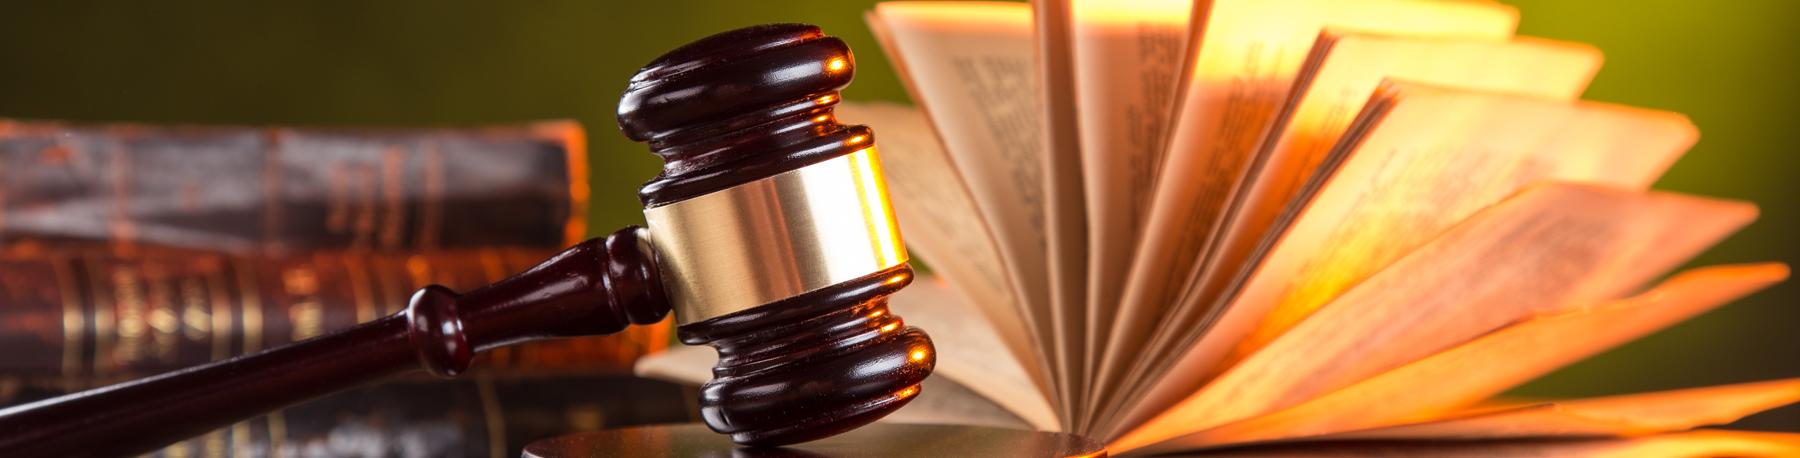 License Suspension - Baker Reck Law